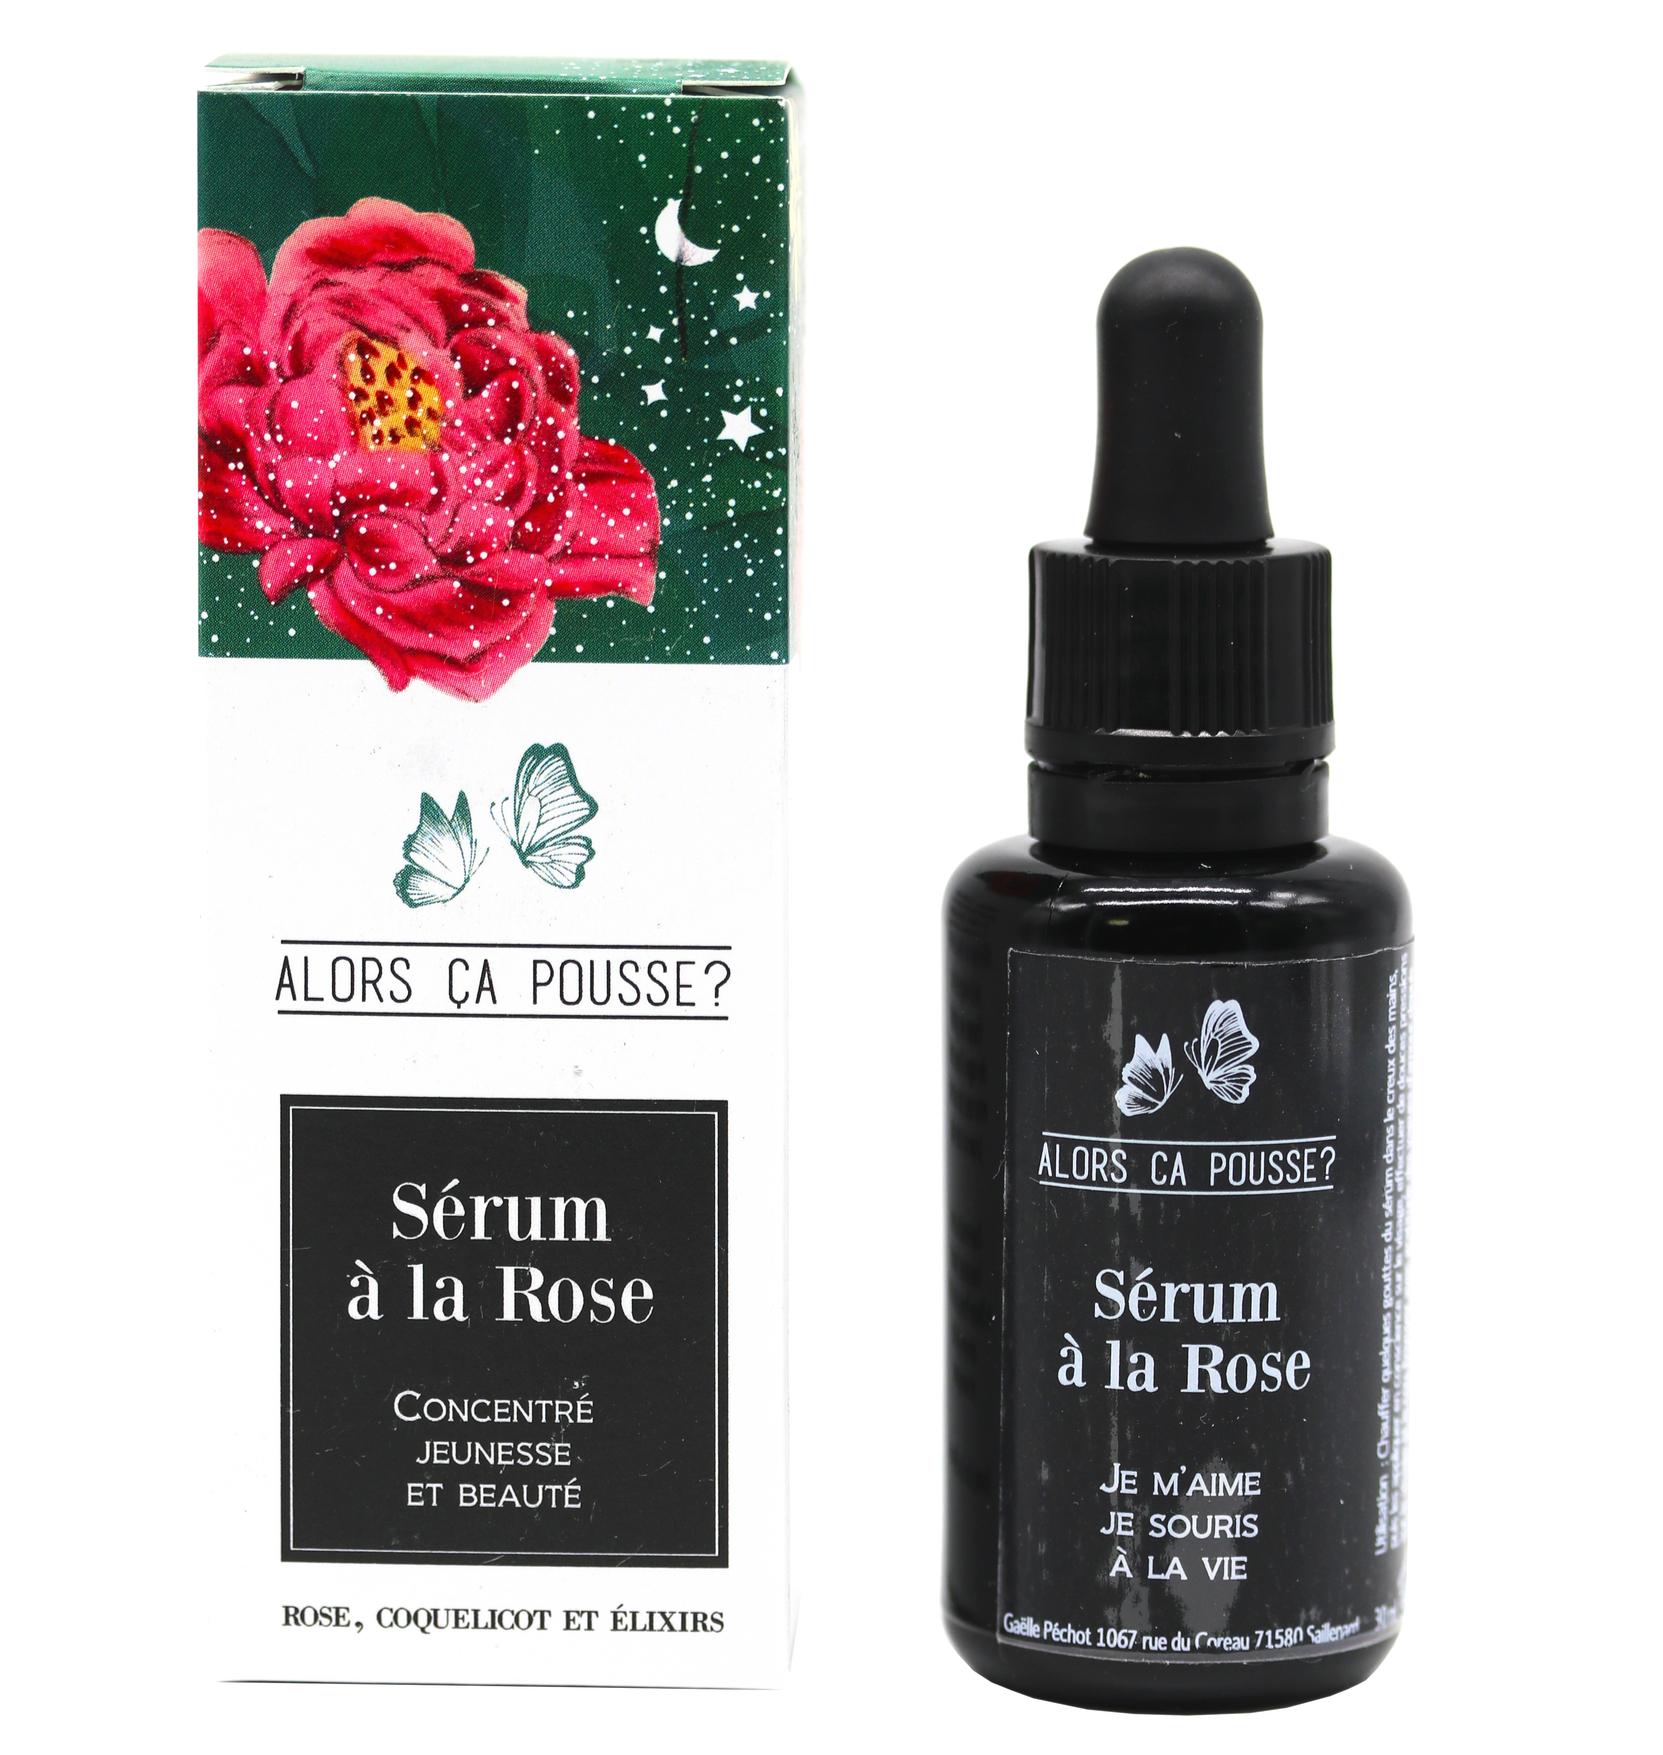 Alors Ca Pousse - Serum a la rose